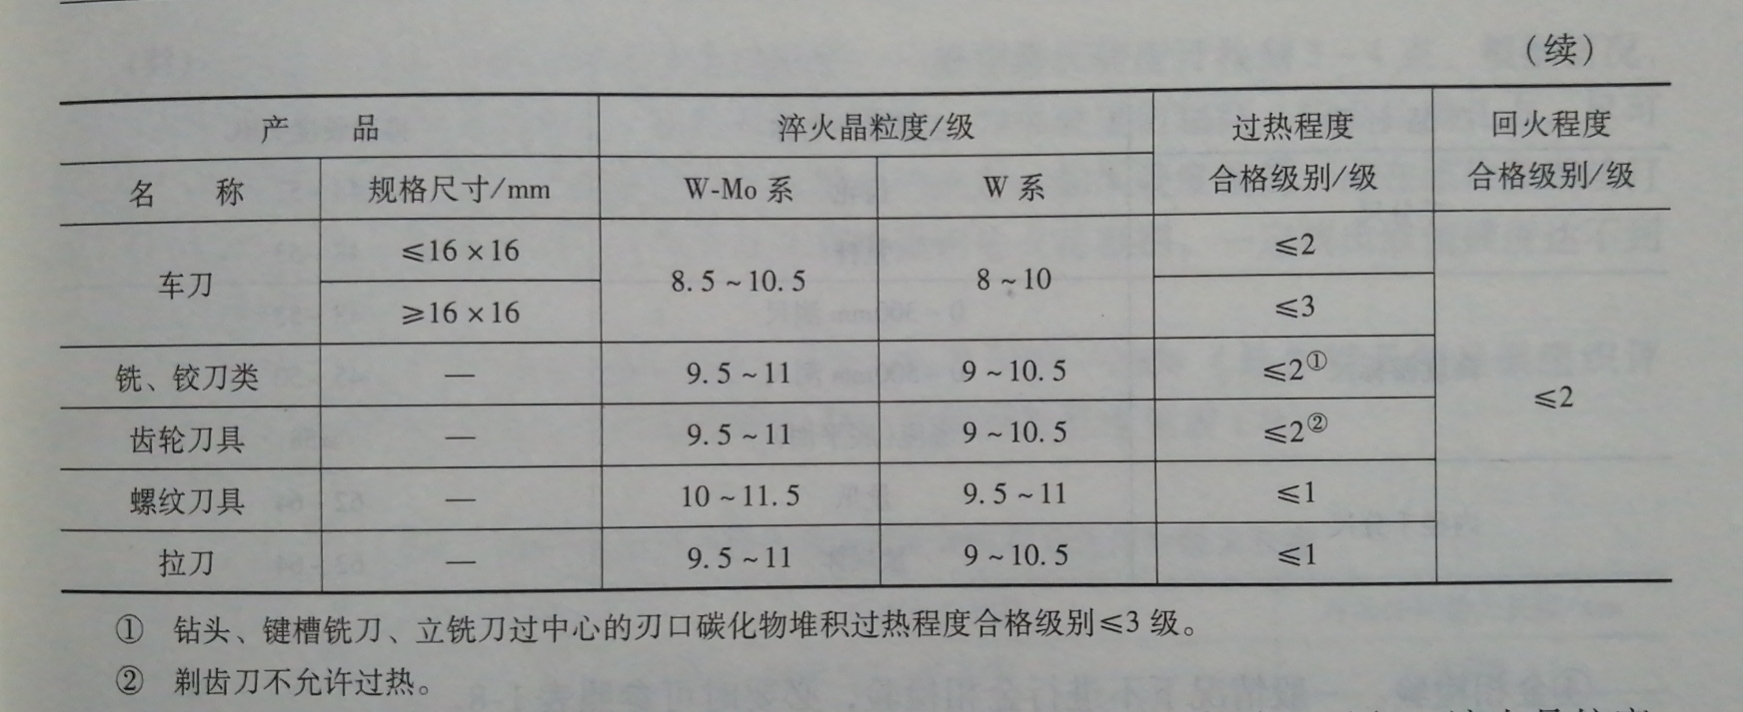 高速钢热处理金相检验标准